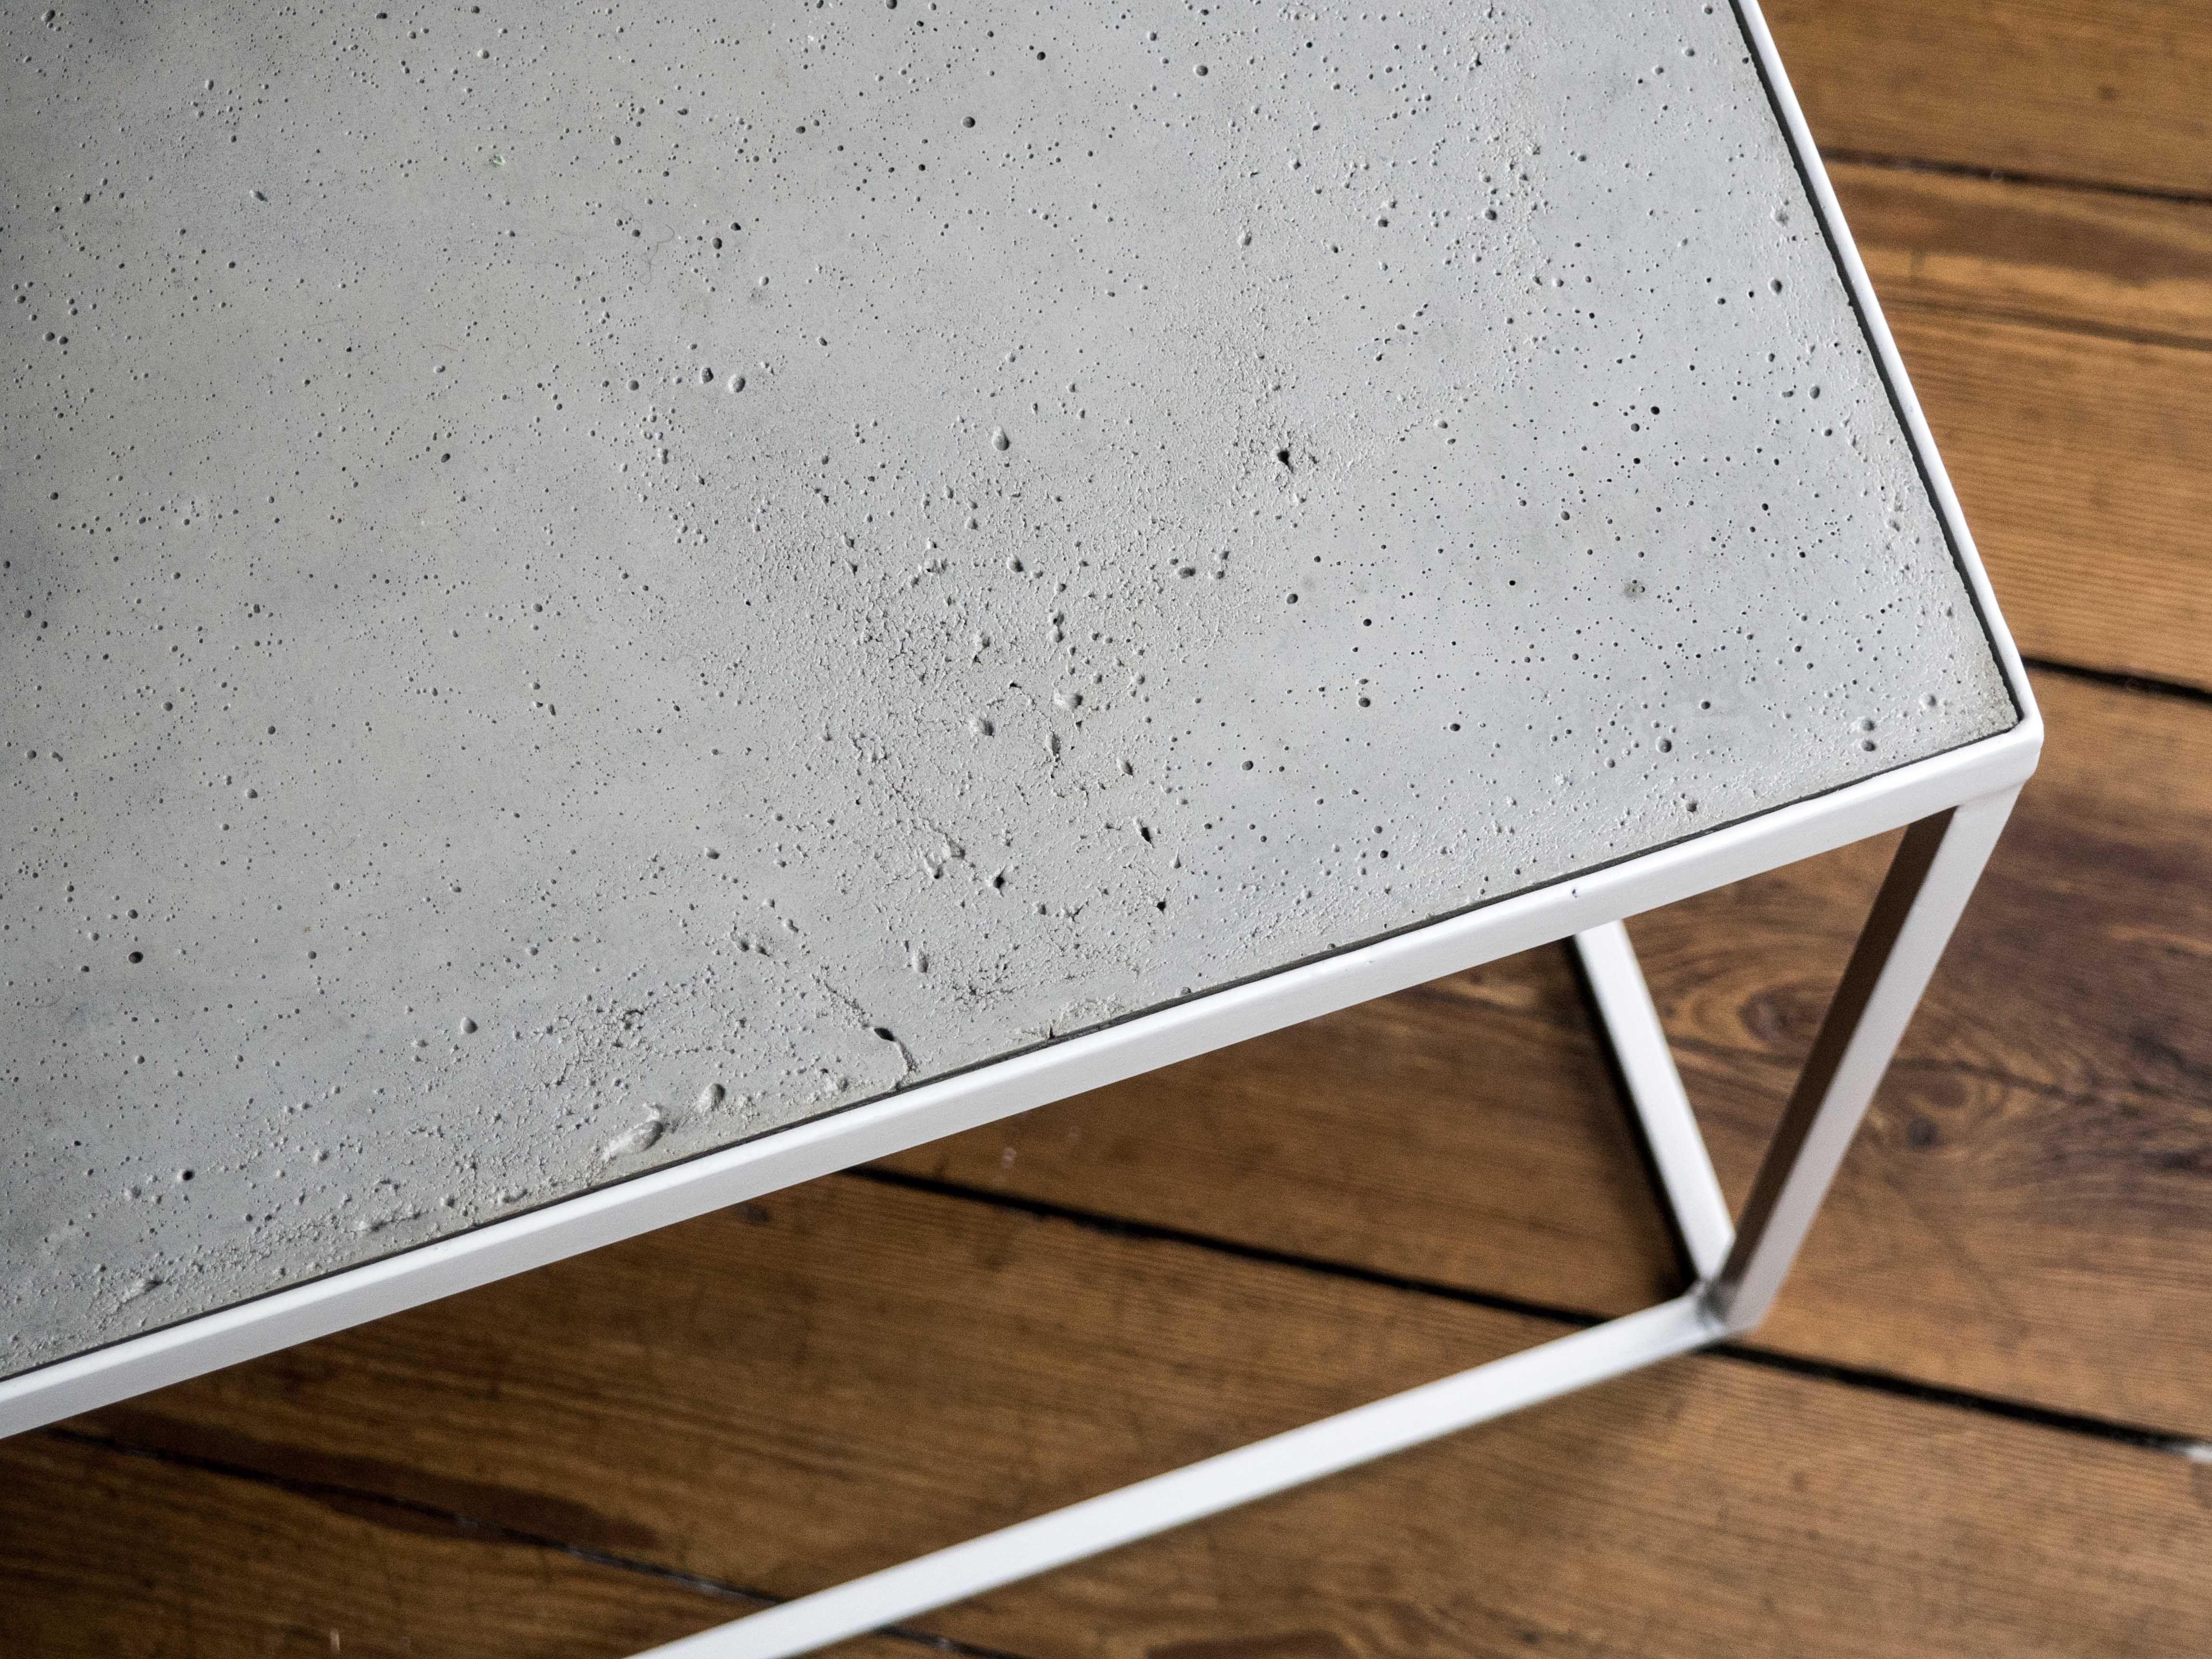 Möbeldesign Hamburg betontisch 10 knoten möbeldesign hamburg betontisch